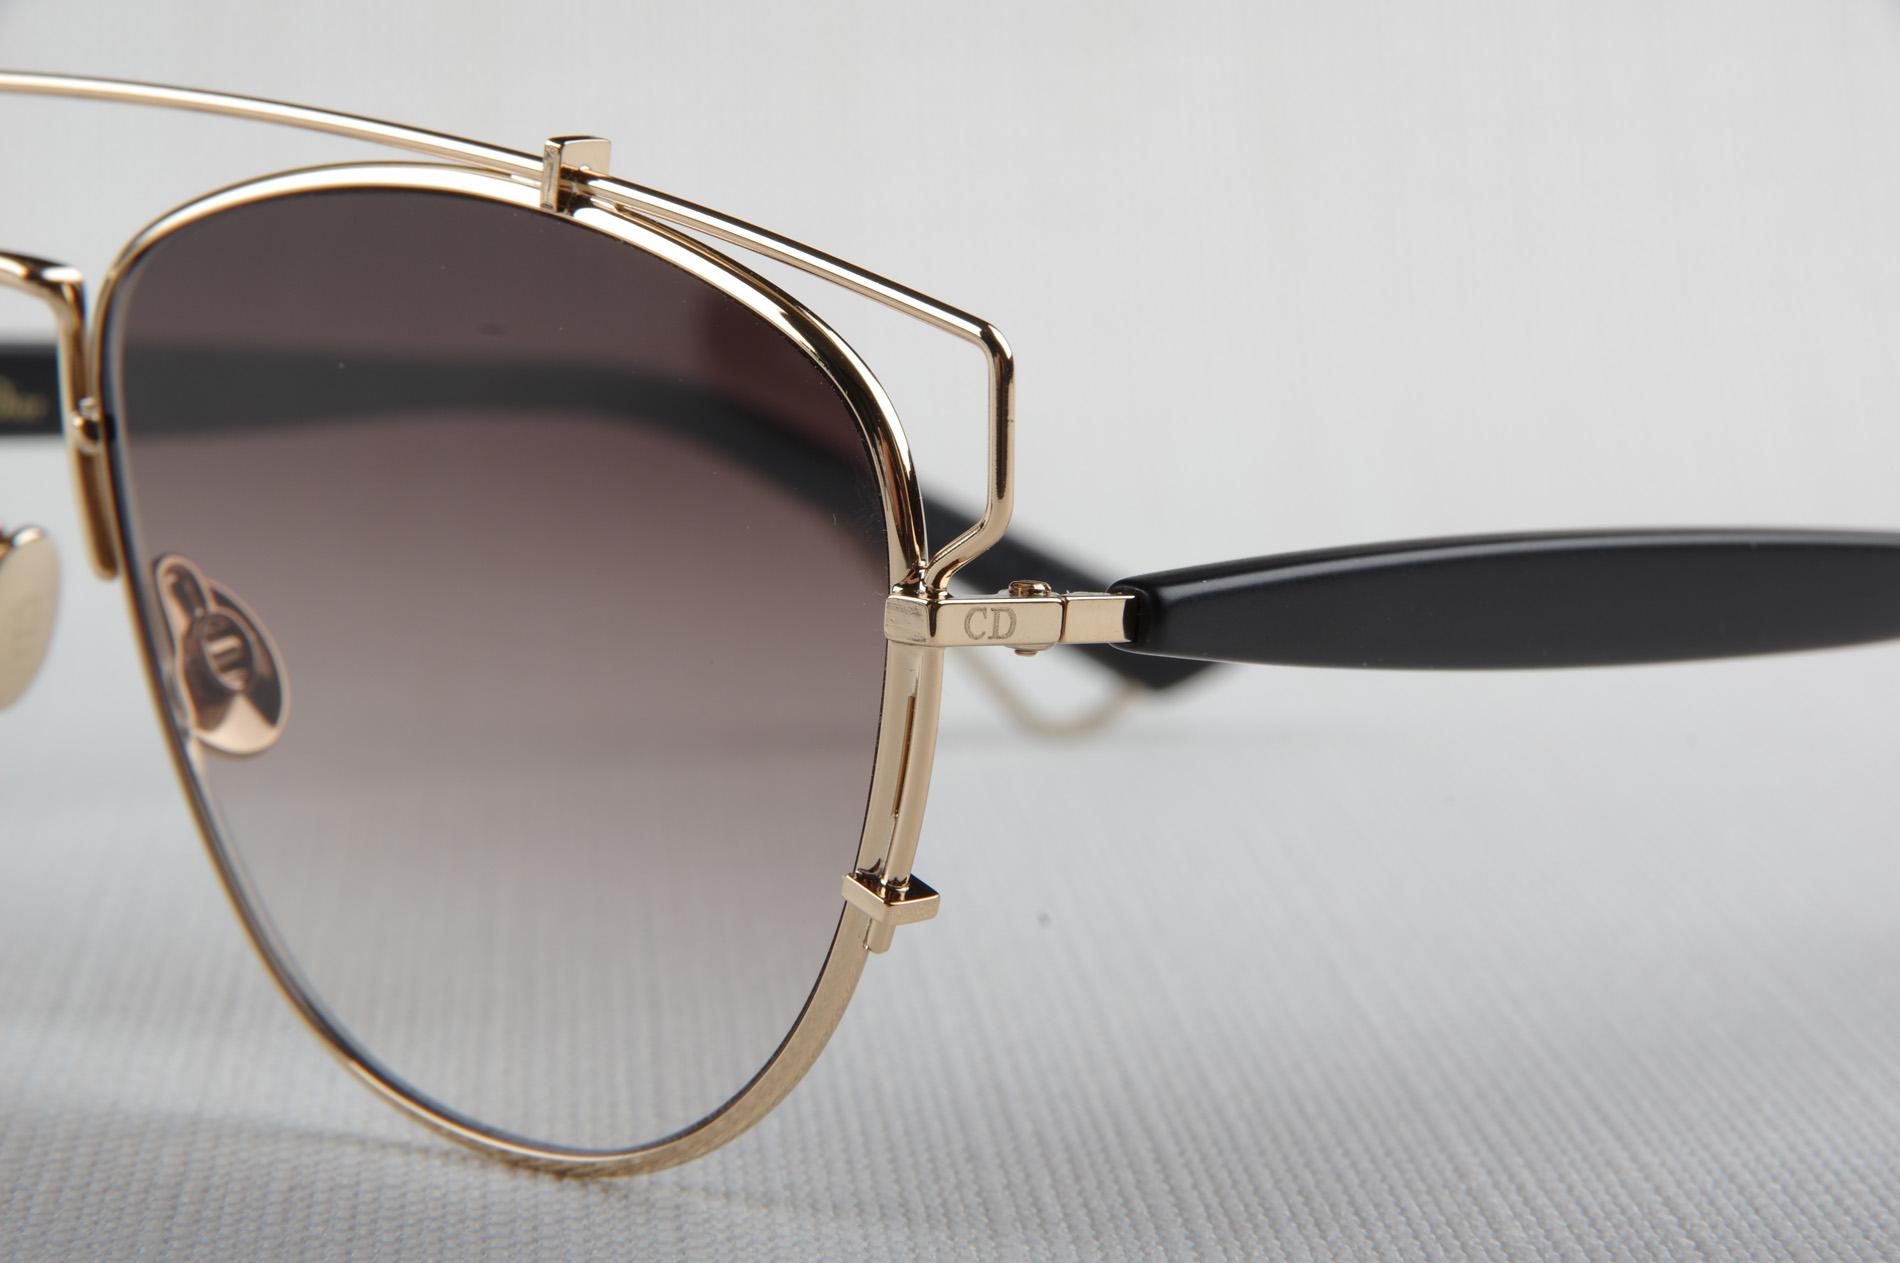 Dior Lunettes de soleil Dior Technologic h6HEaq6V